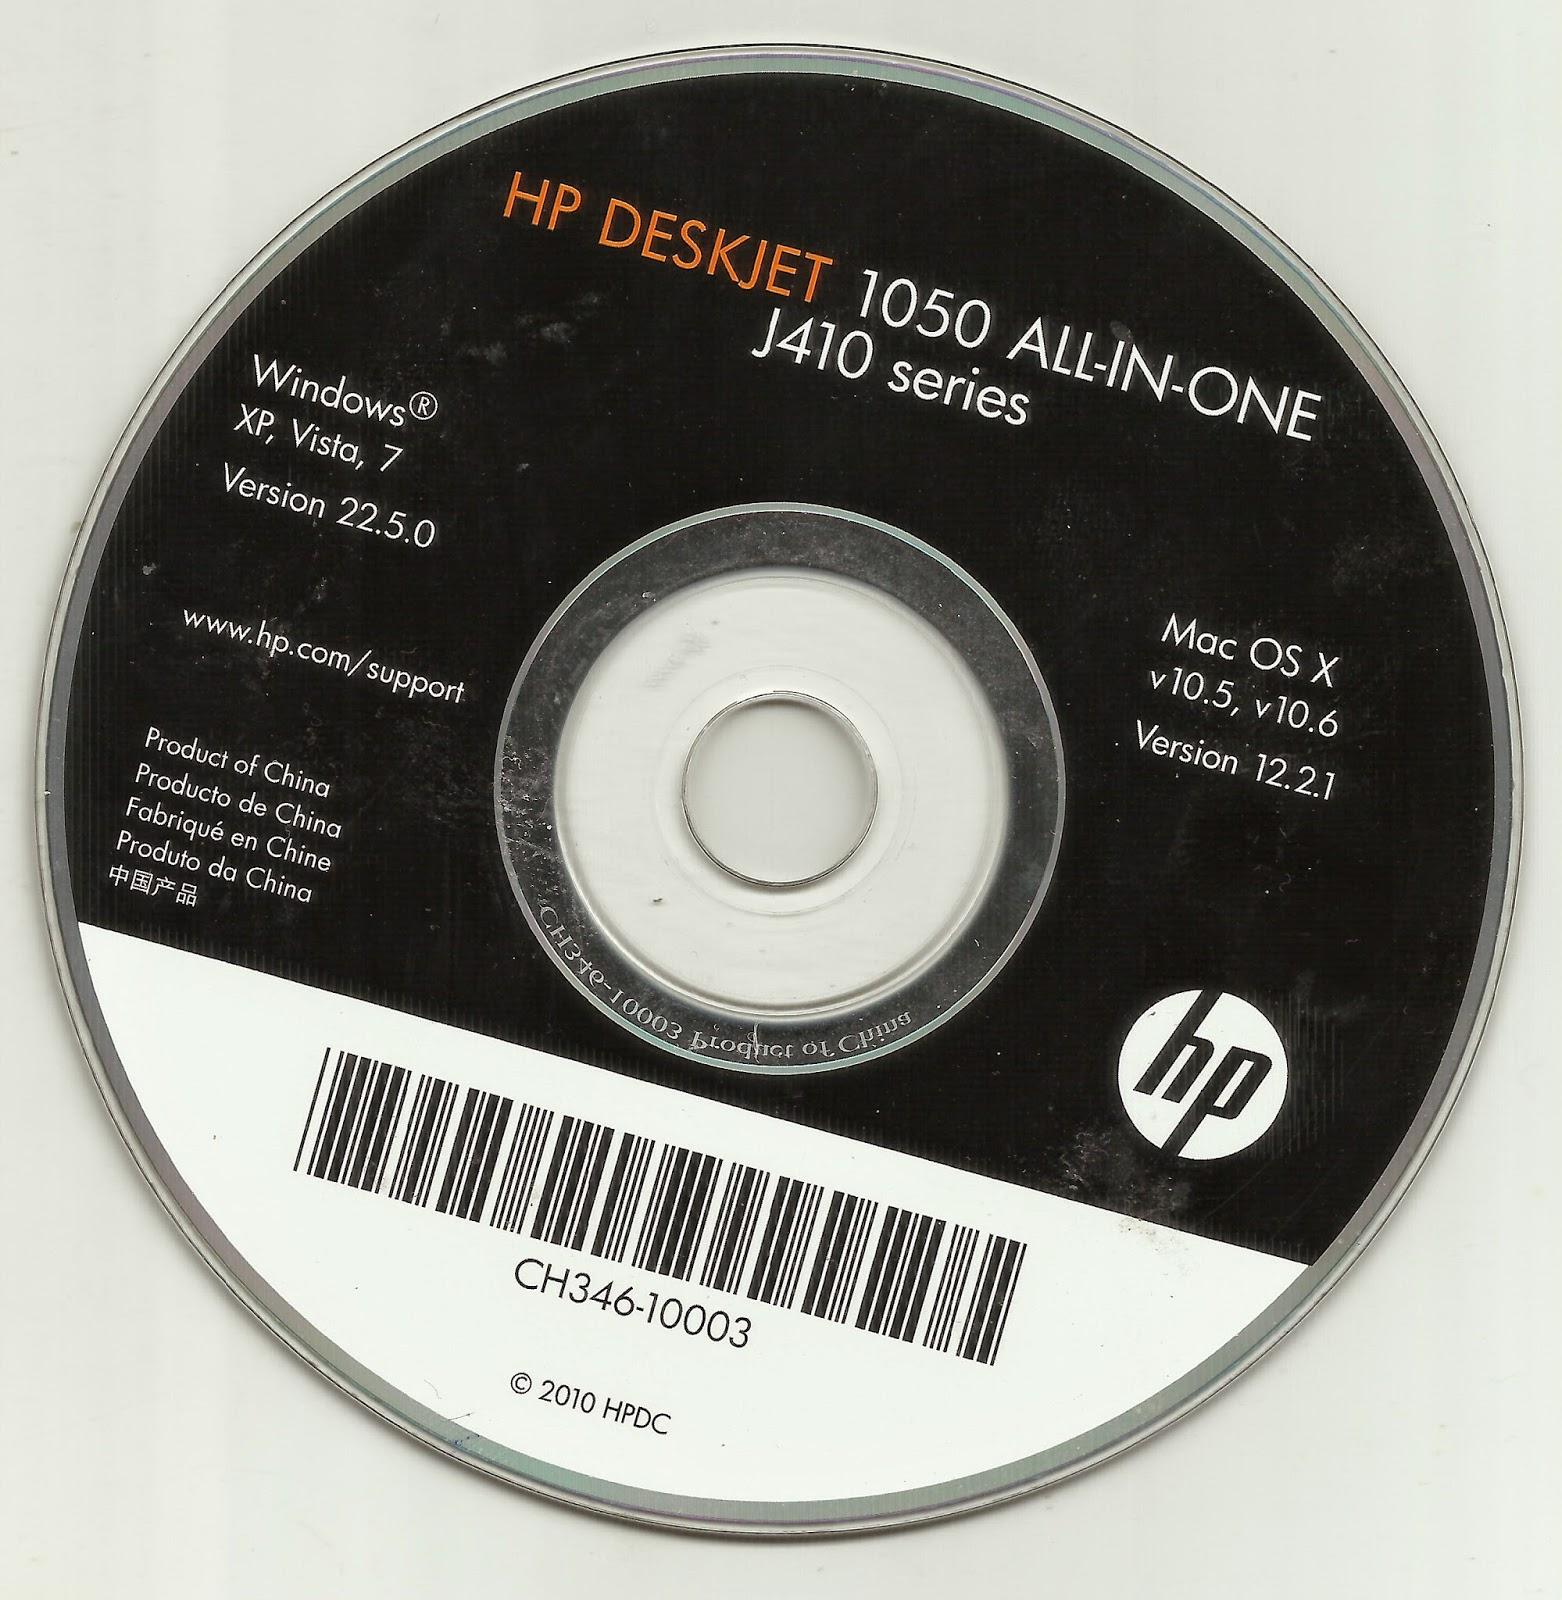 Deskjet 1050 j410 driver mac.